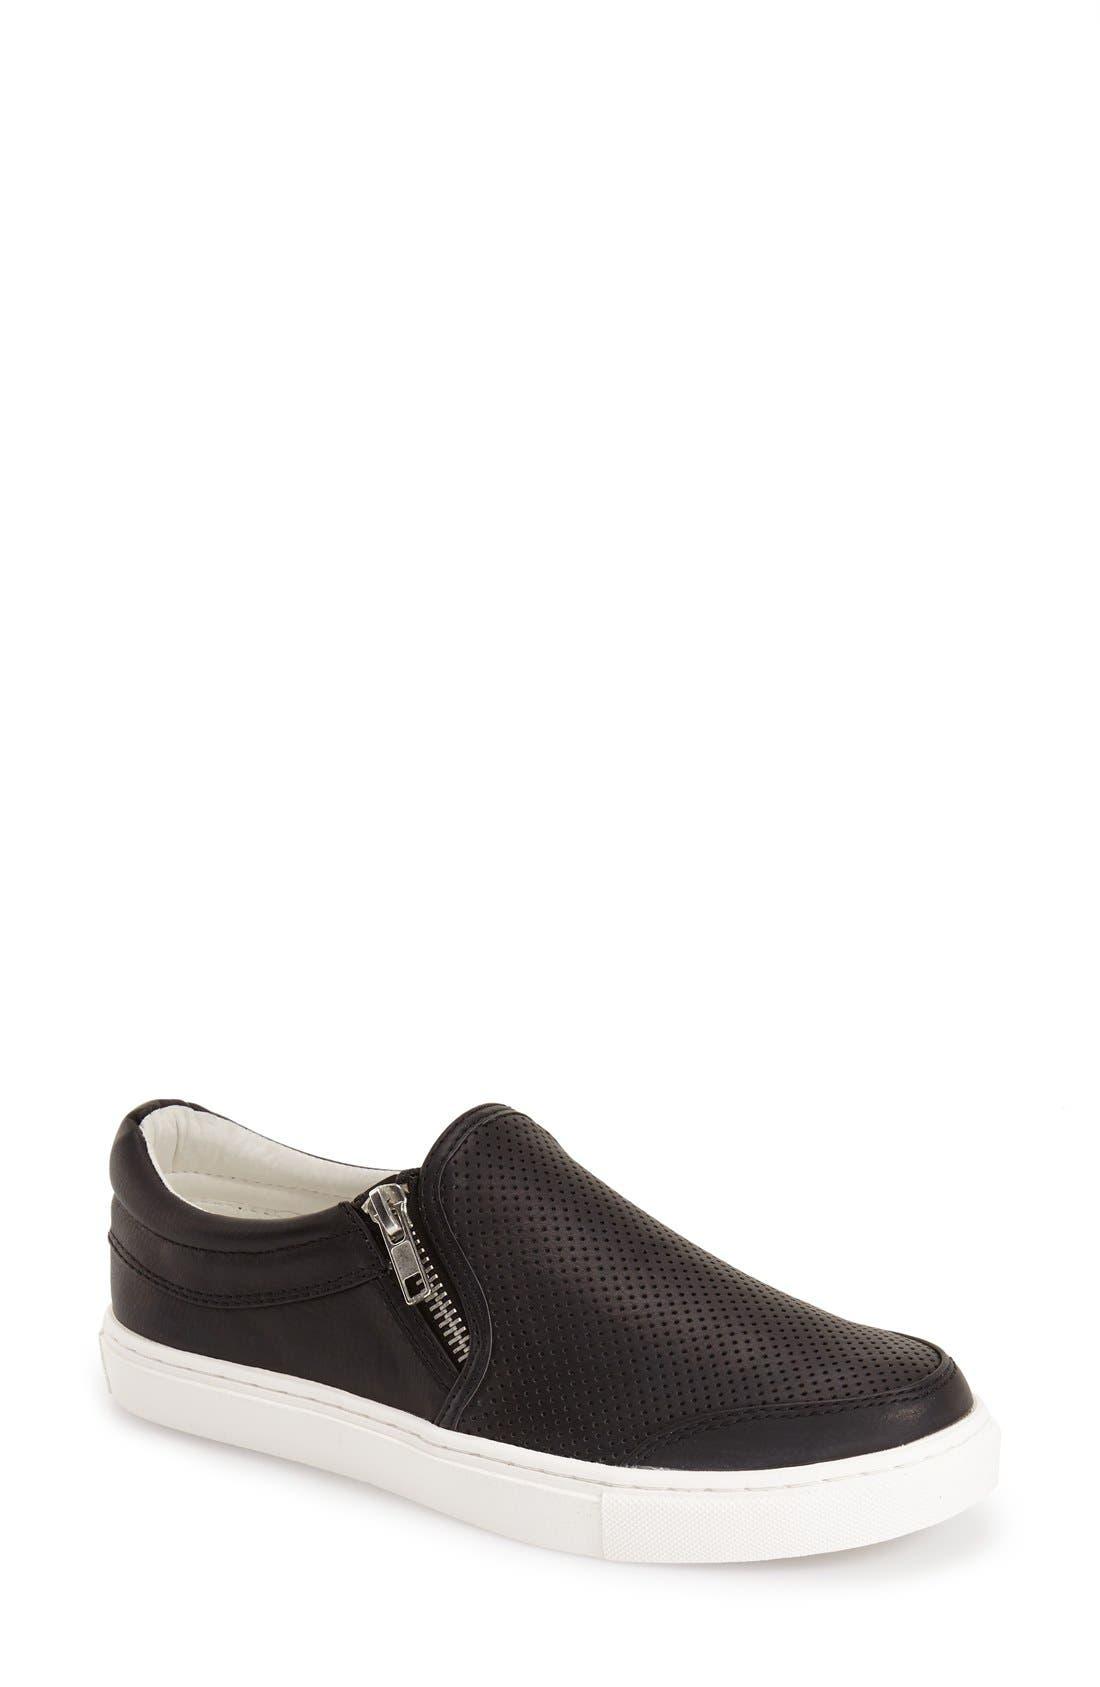 Alternate Image 1 Selected - Steve Madden 'Ellias' Slip-On Sneaker (Women)